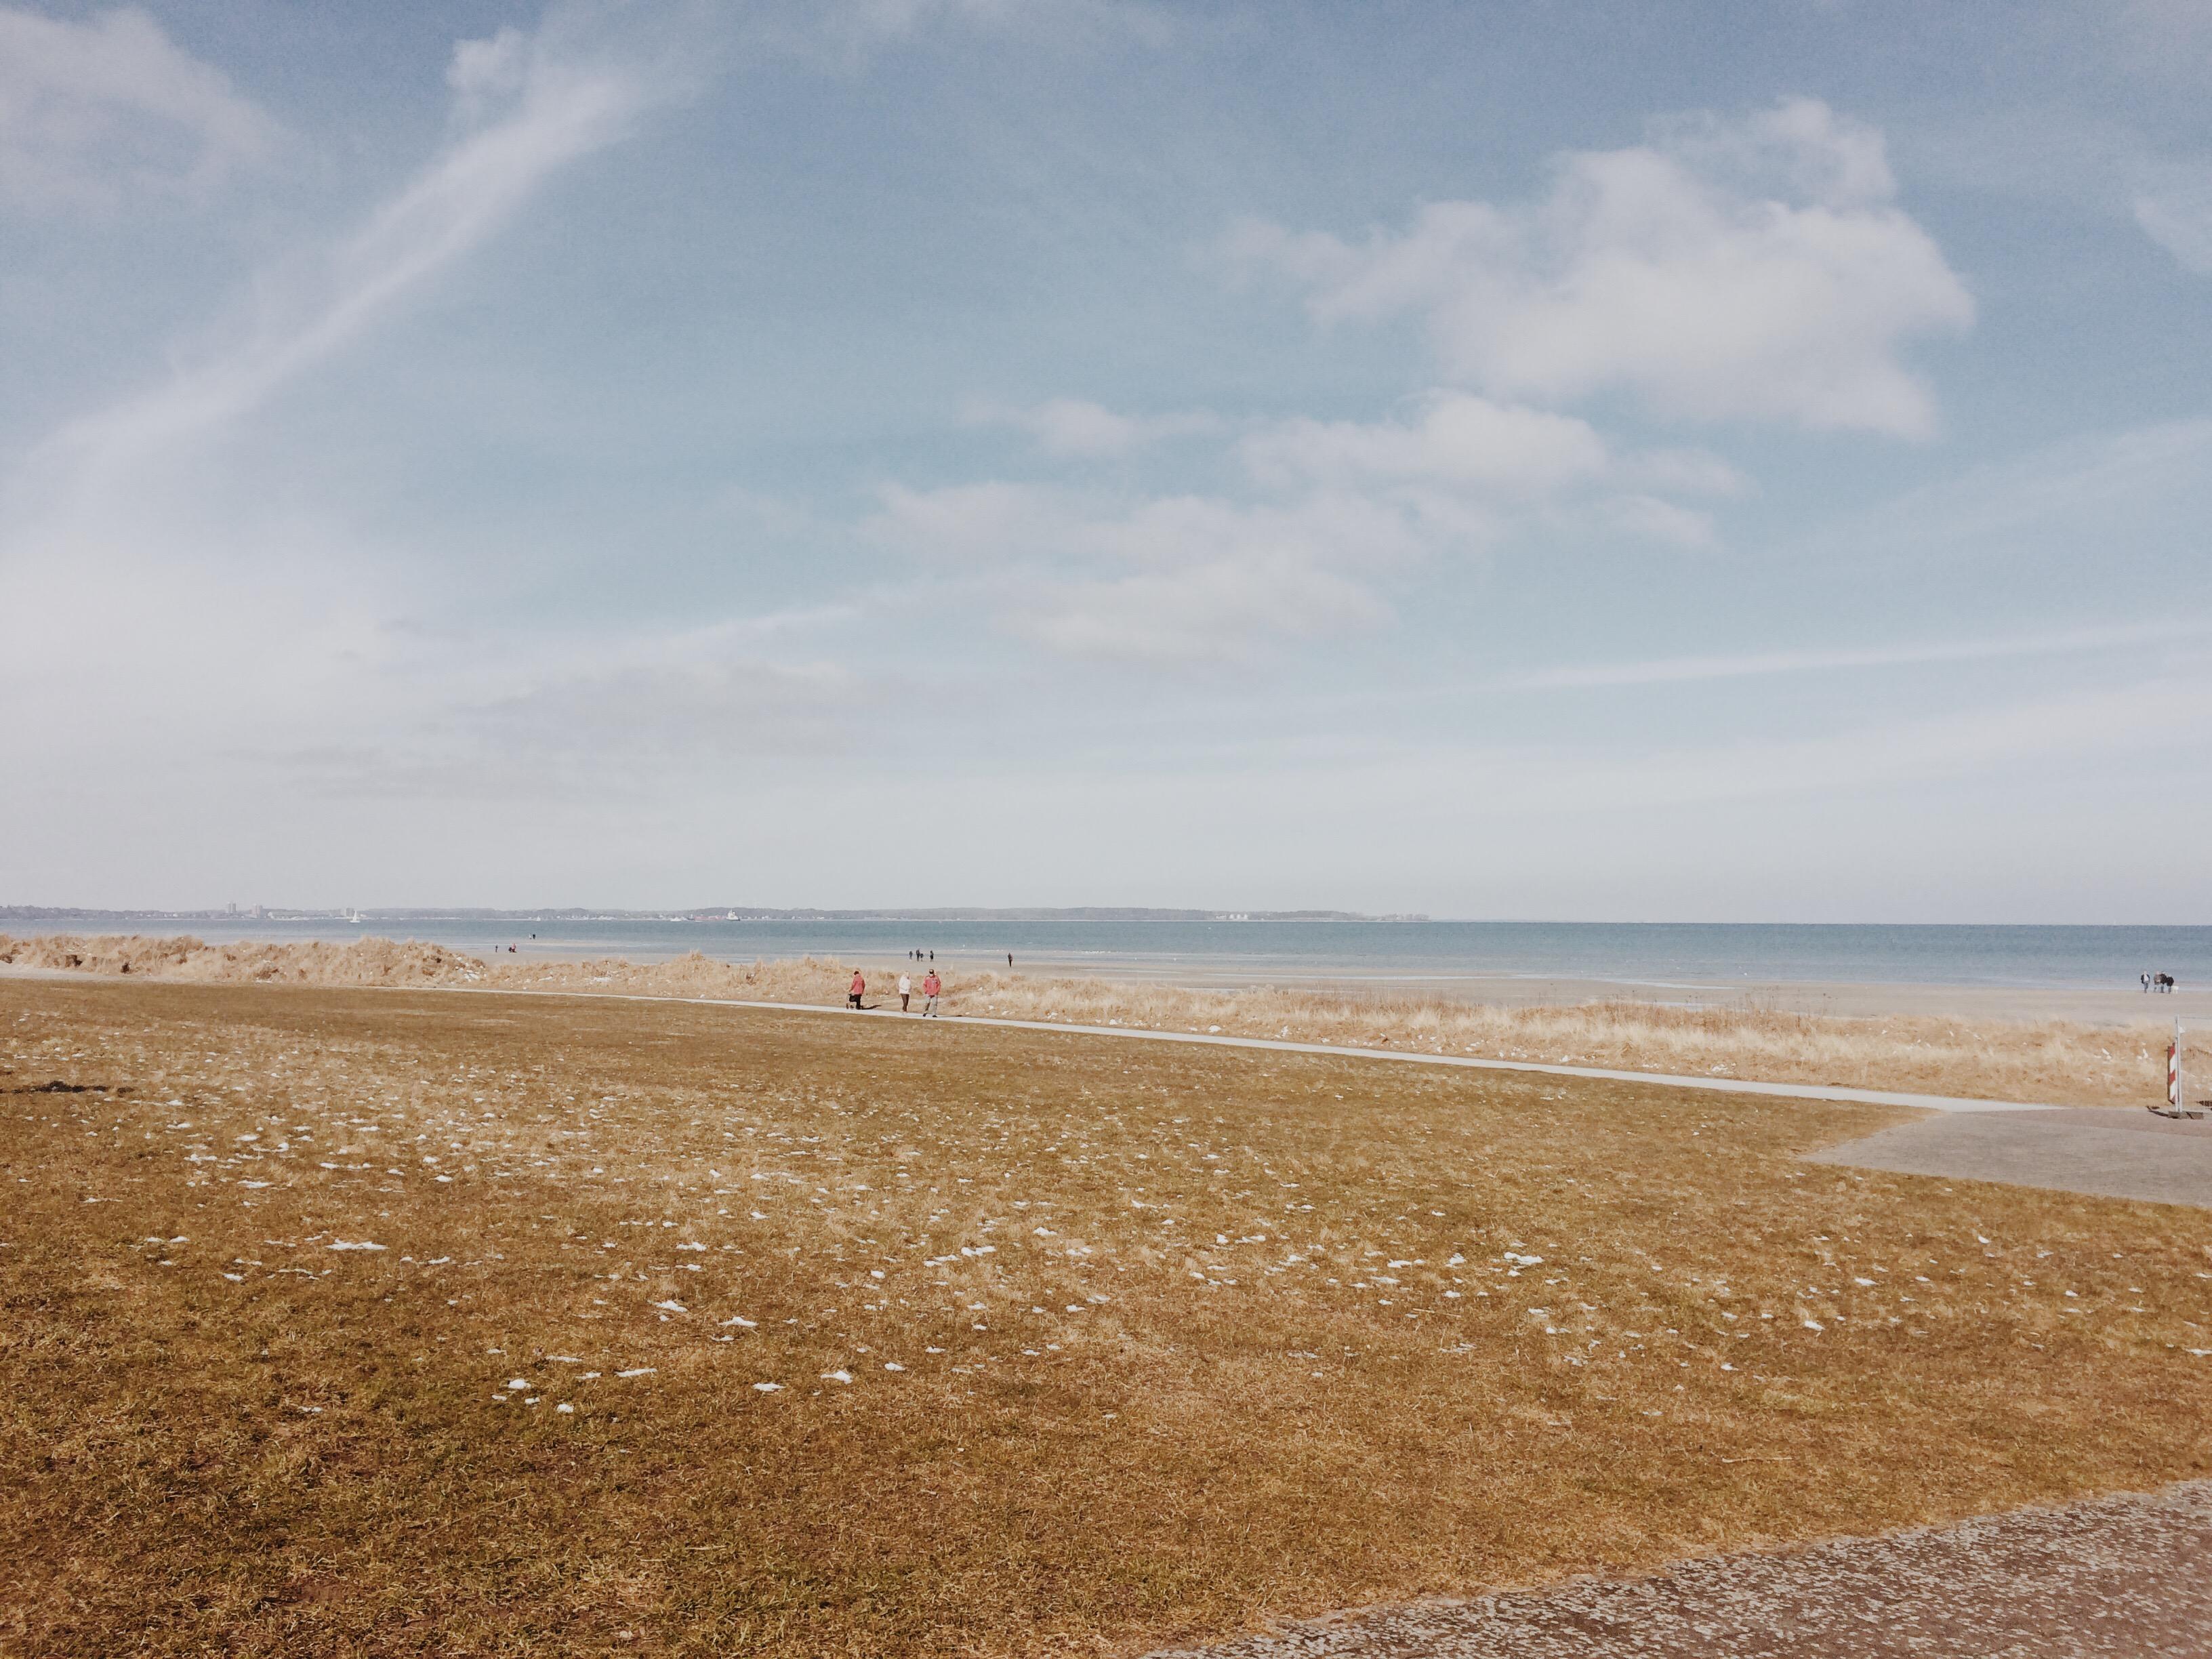 Landschaftsbild vom Strand in Stein mit Dünen, Stand und Ostsee im Hintergrund und blauen Himmel